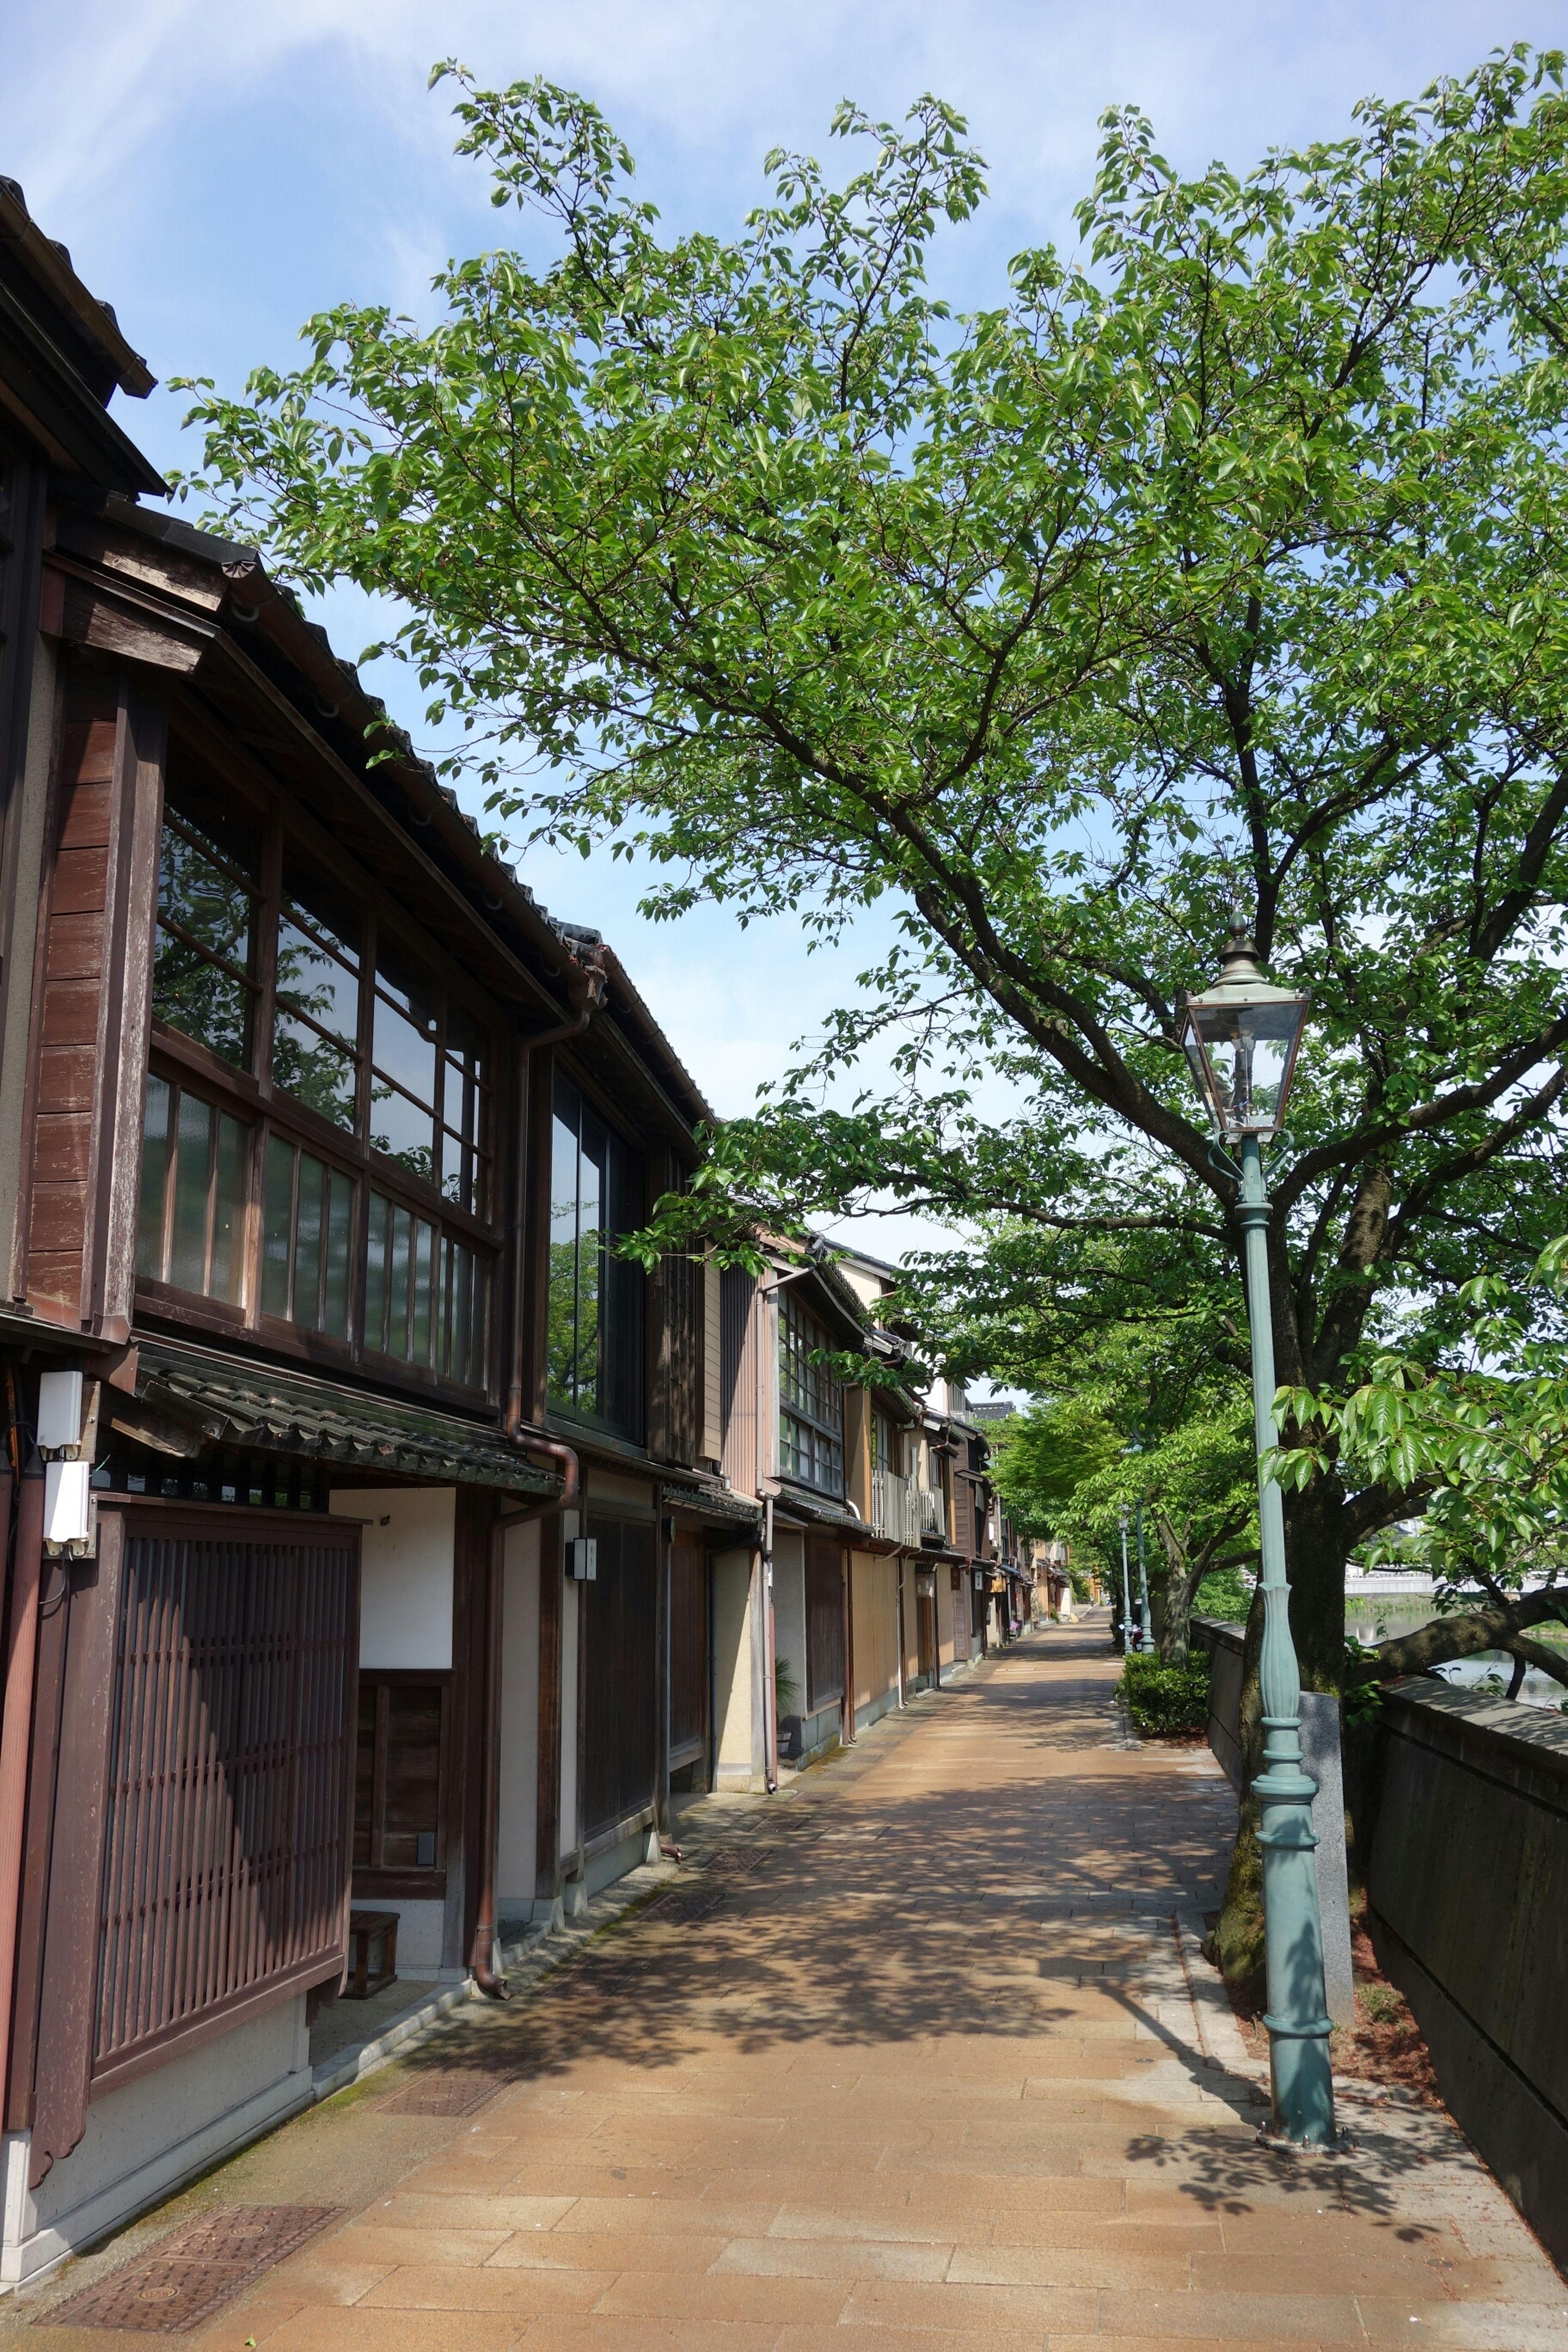 Kazuemachi Kanazawa Kanazawa-shi Ishikawa Ishikawa-ken Japan Traveling Travel Travel Photography